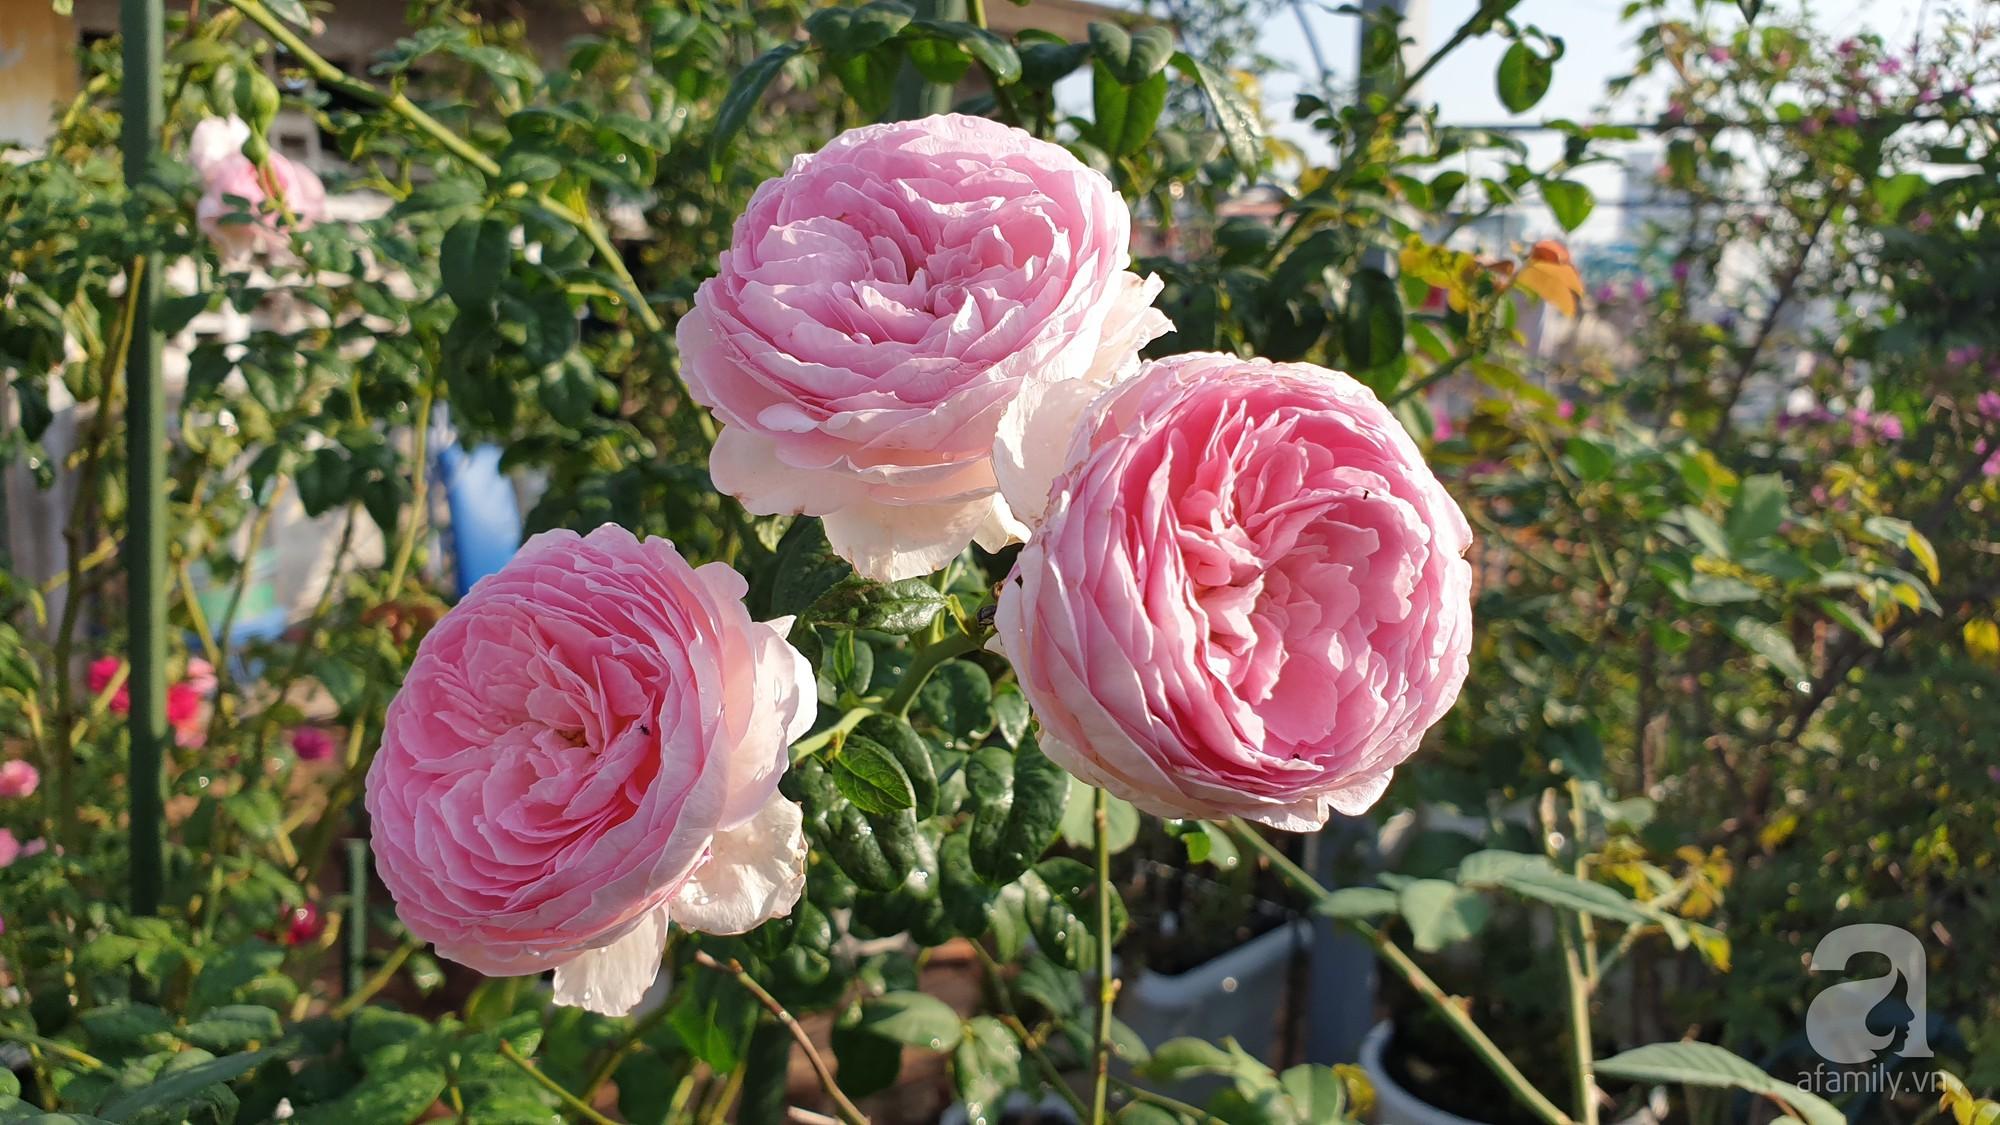 Vườn hồng trên sân thượng rực rỡ sắc màu của chàng trai 8x siêu đảm ở Sài Gòn - Ảnh 9.